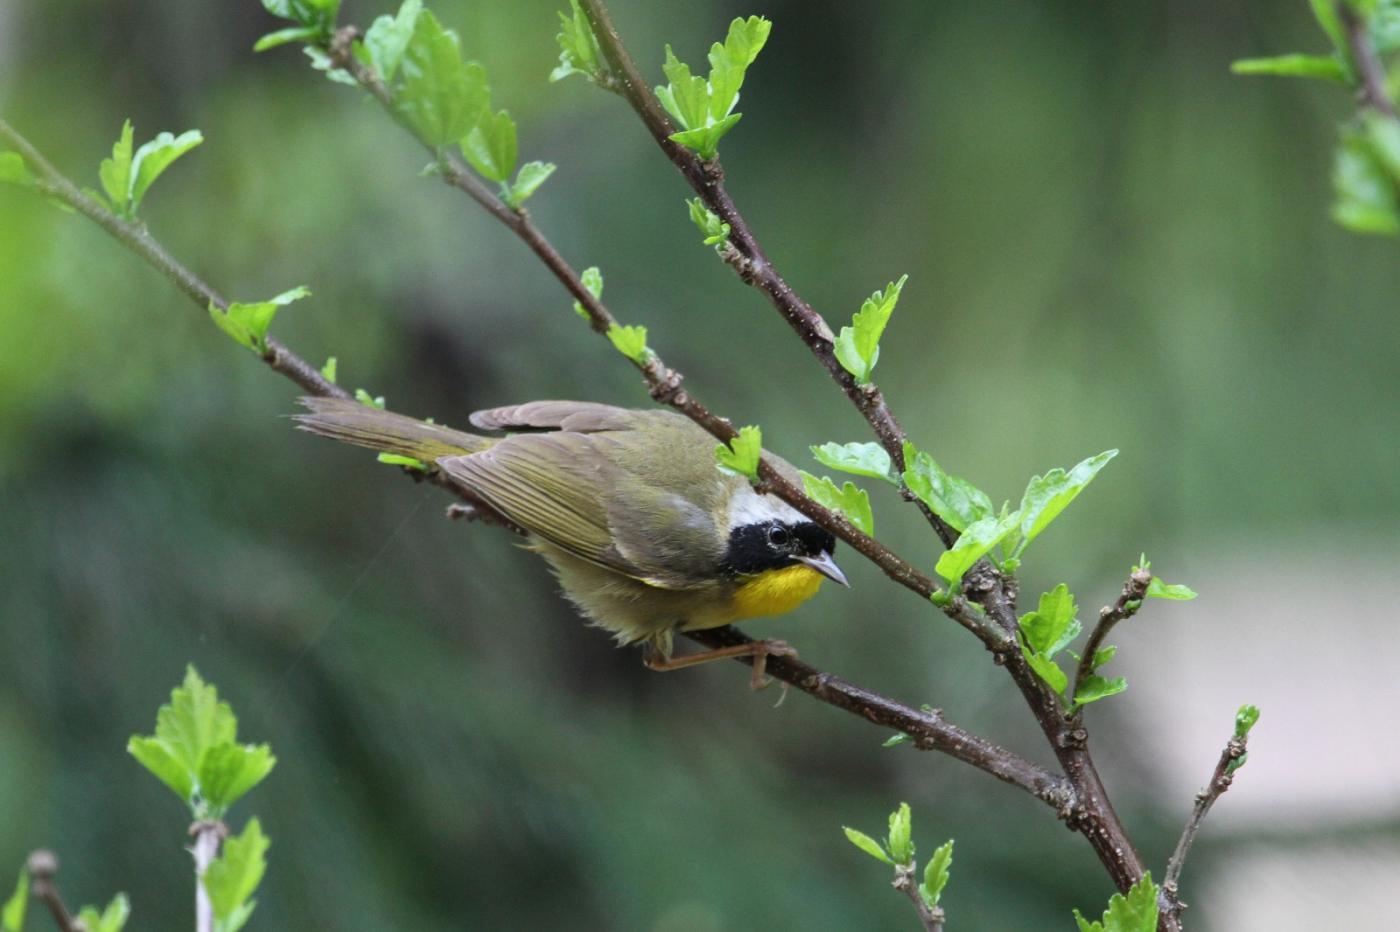 【田螺摄影】雨后窗外的小黄鸟_图1-11